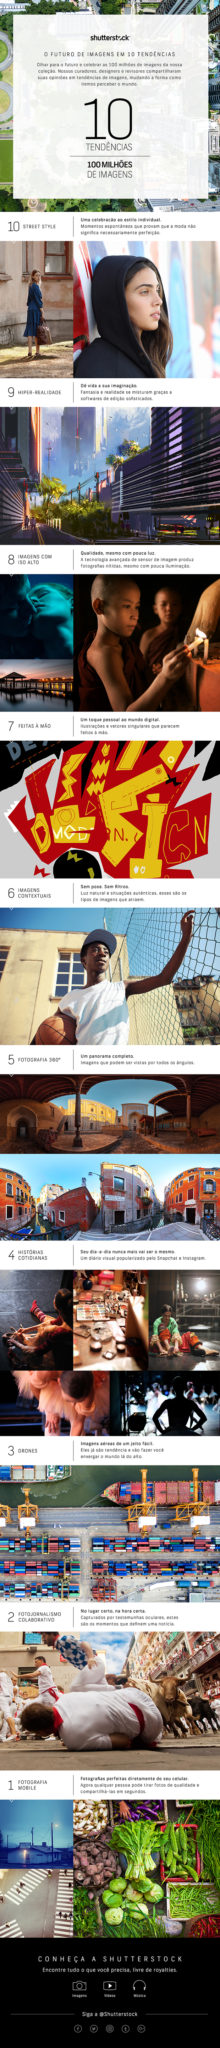 follow-the-colours-infografico-futuro-fotografia-imagens-shutterstock